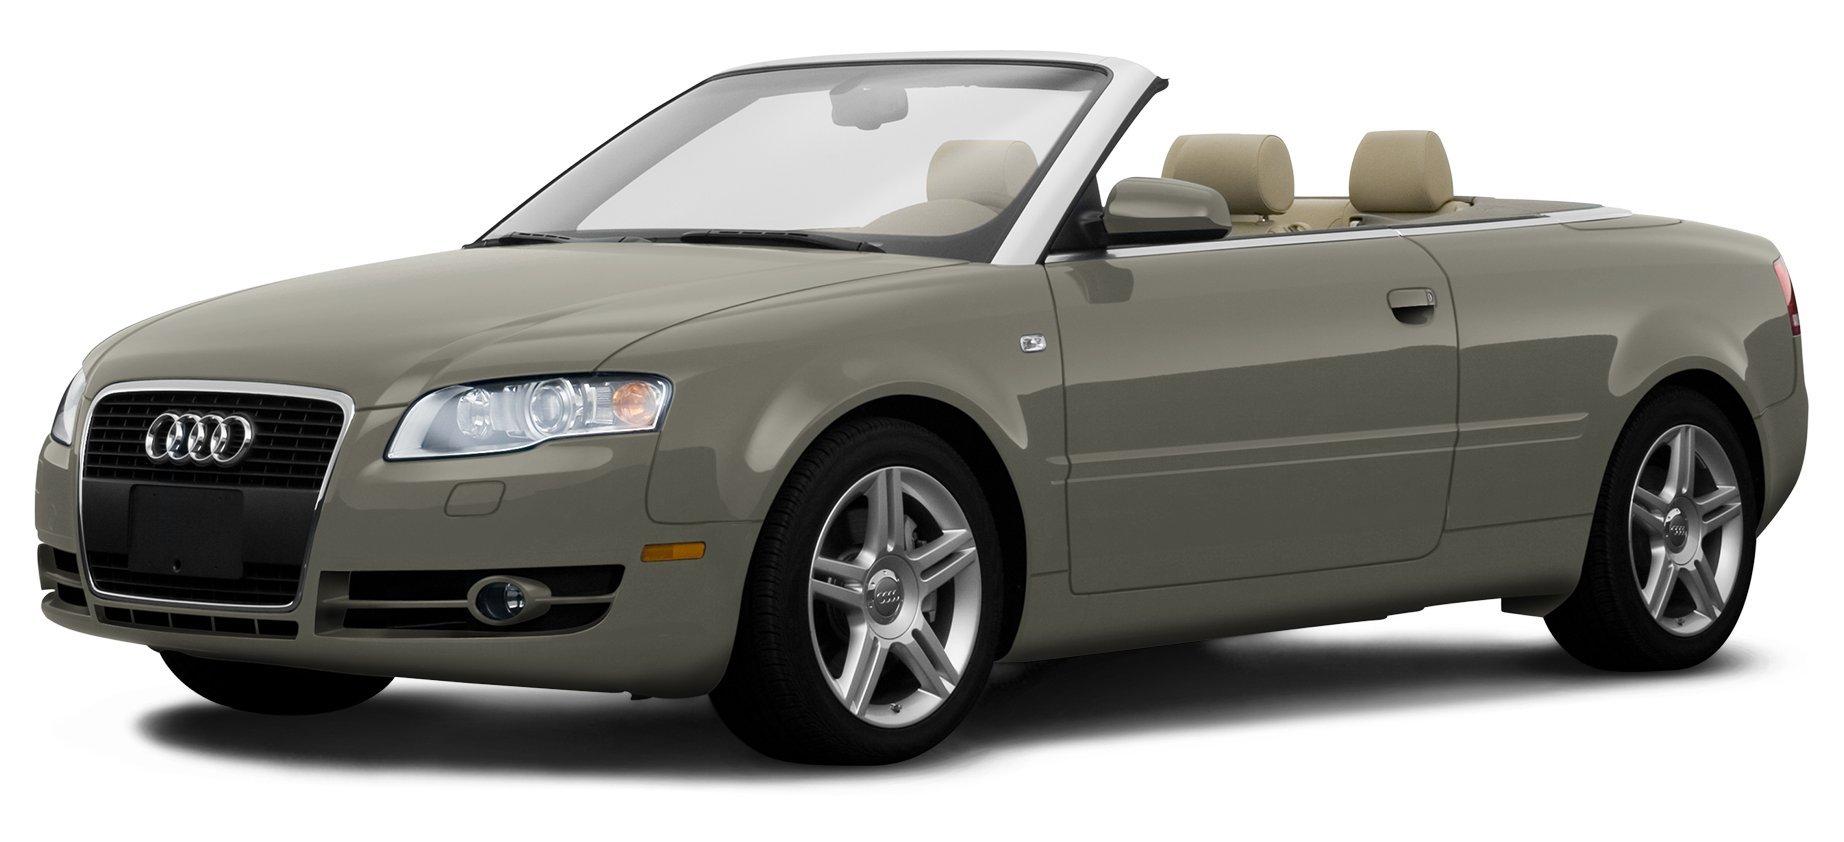 2008 Audi A4 Quattro 2.0T, 2-Door Cabriolet Automatic Transmission quattro ...